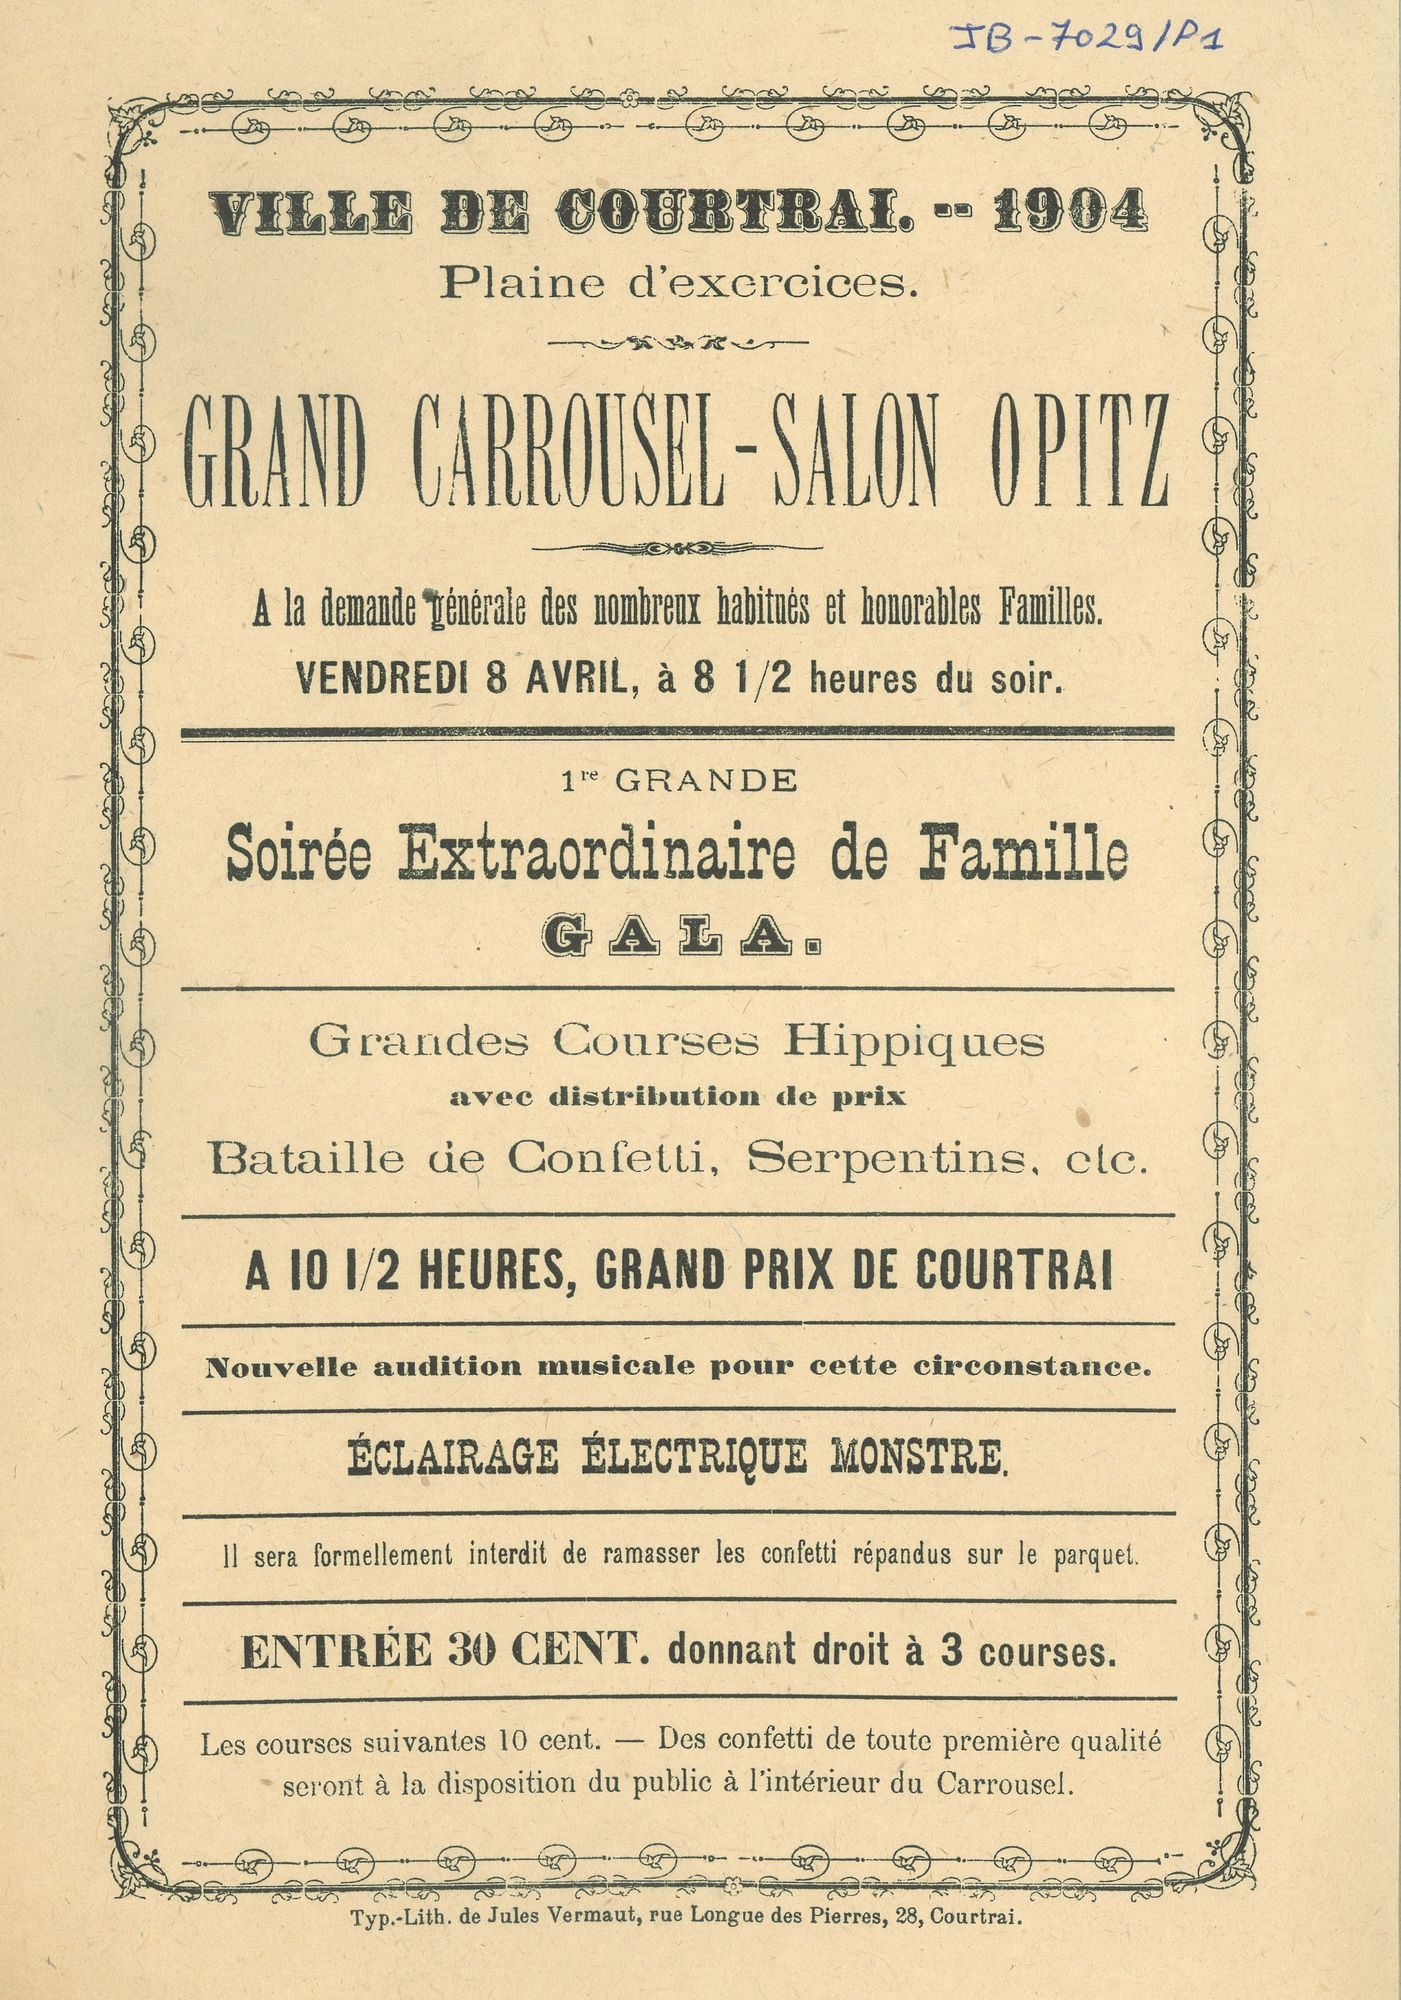 Paasfoor1904: Grand Carrousel-Salon Opitz